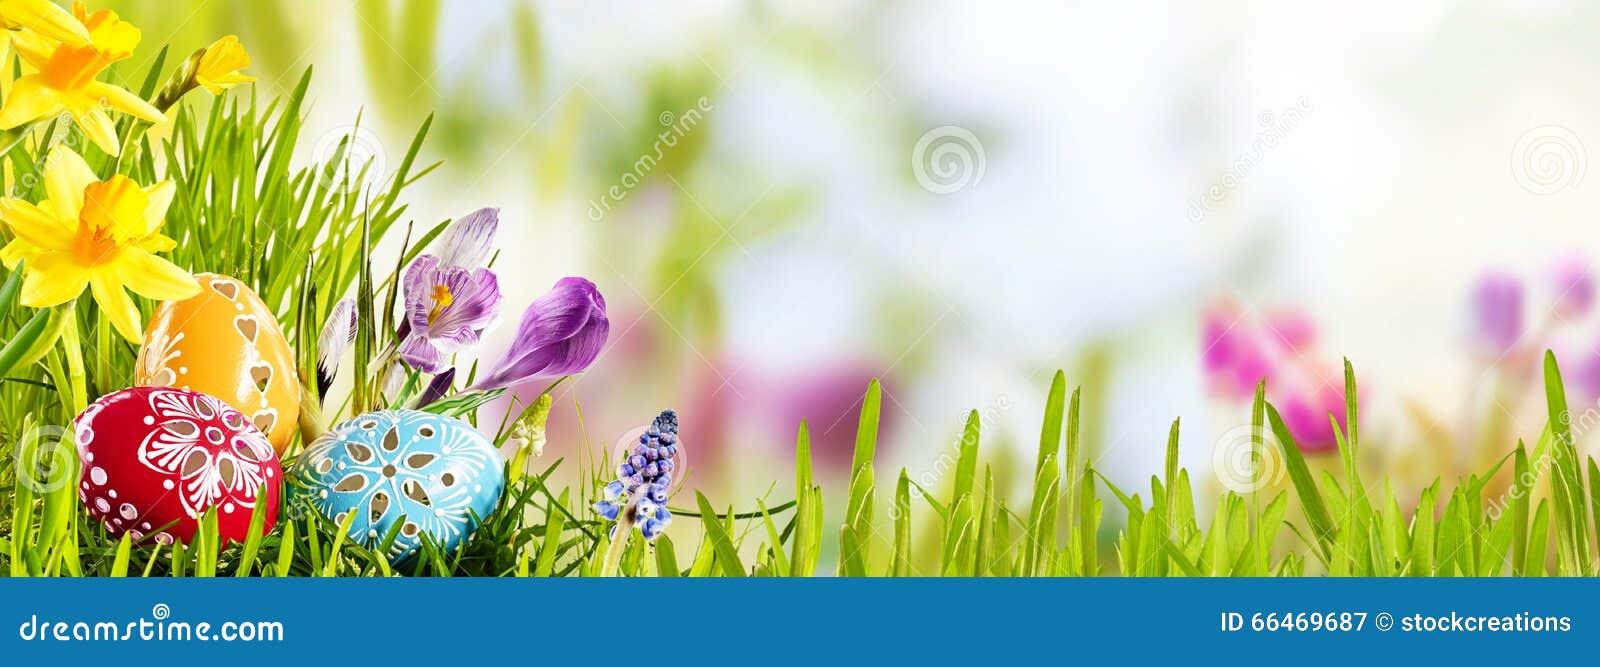 Horyzontalny Wielkanocny sztandar z jajkami w łące